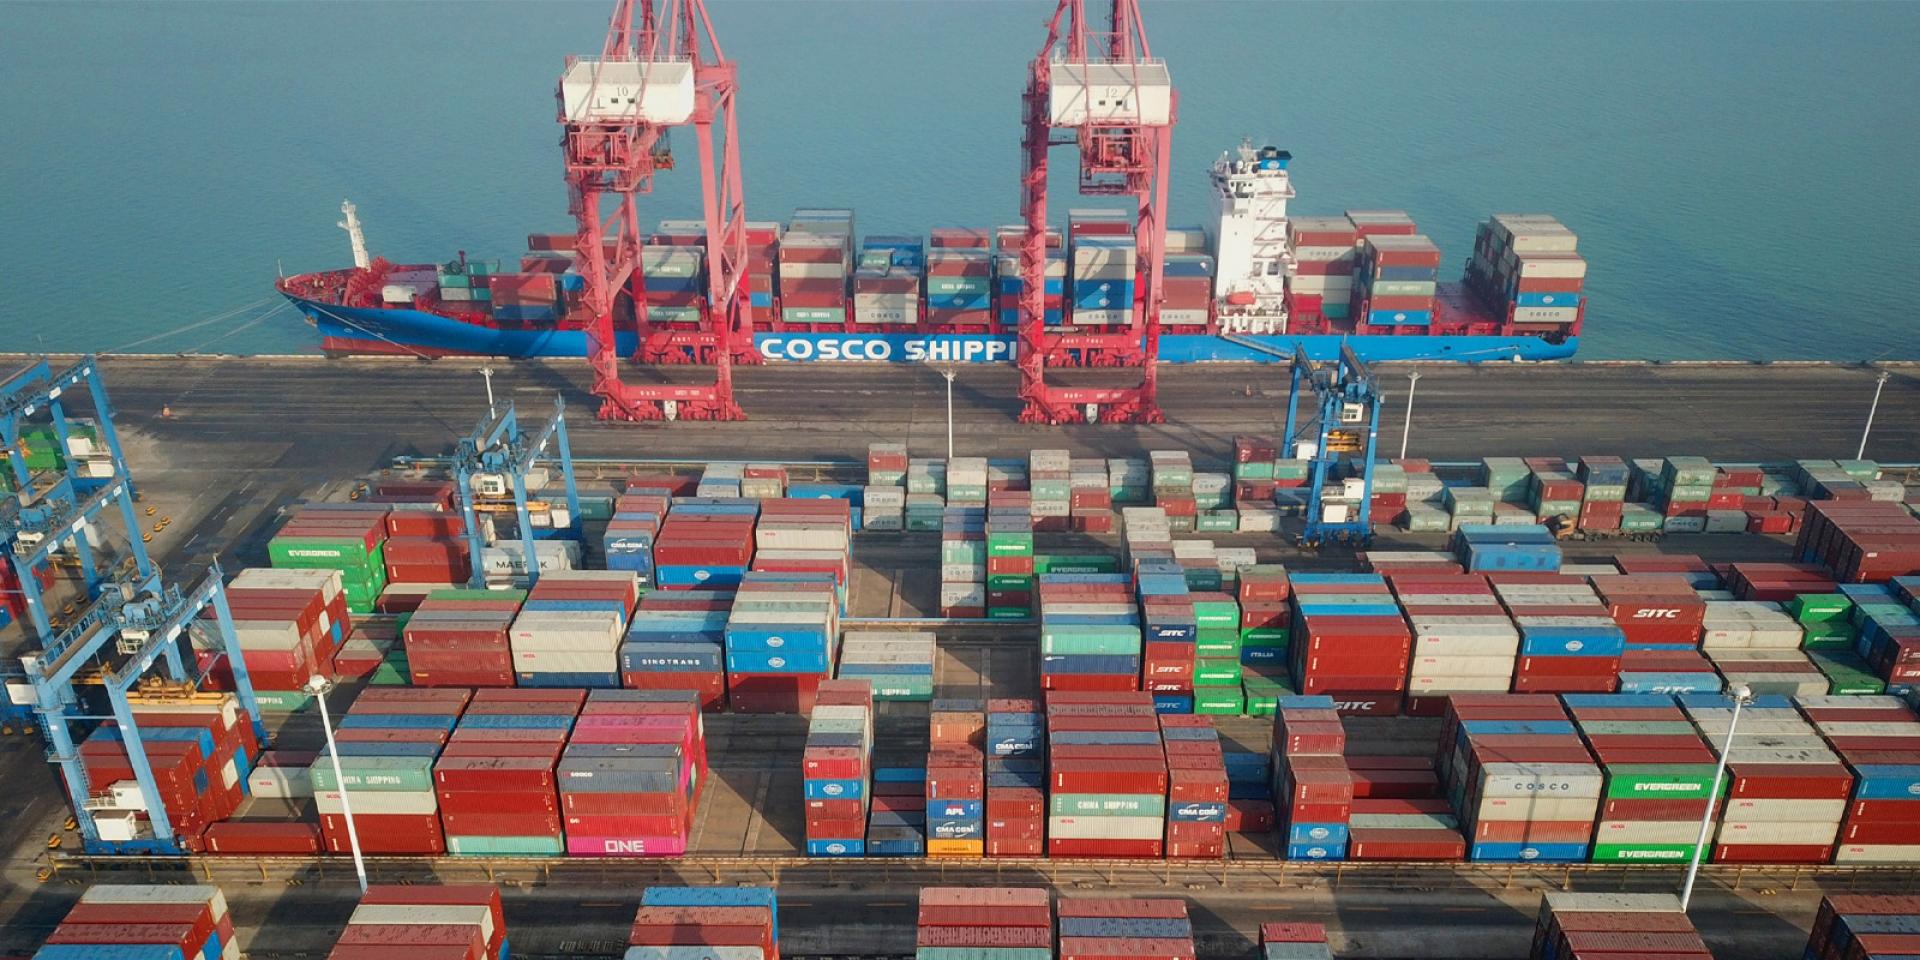 原物料、貨櫃成本暴漲,2021全球機車產業面臨挑戰!